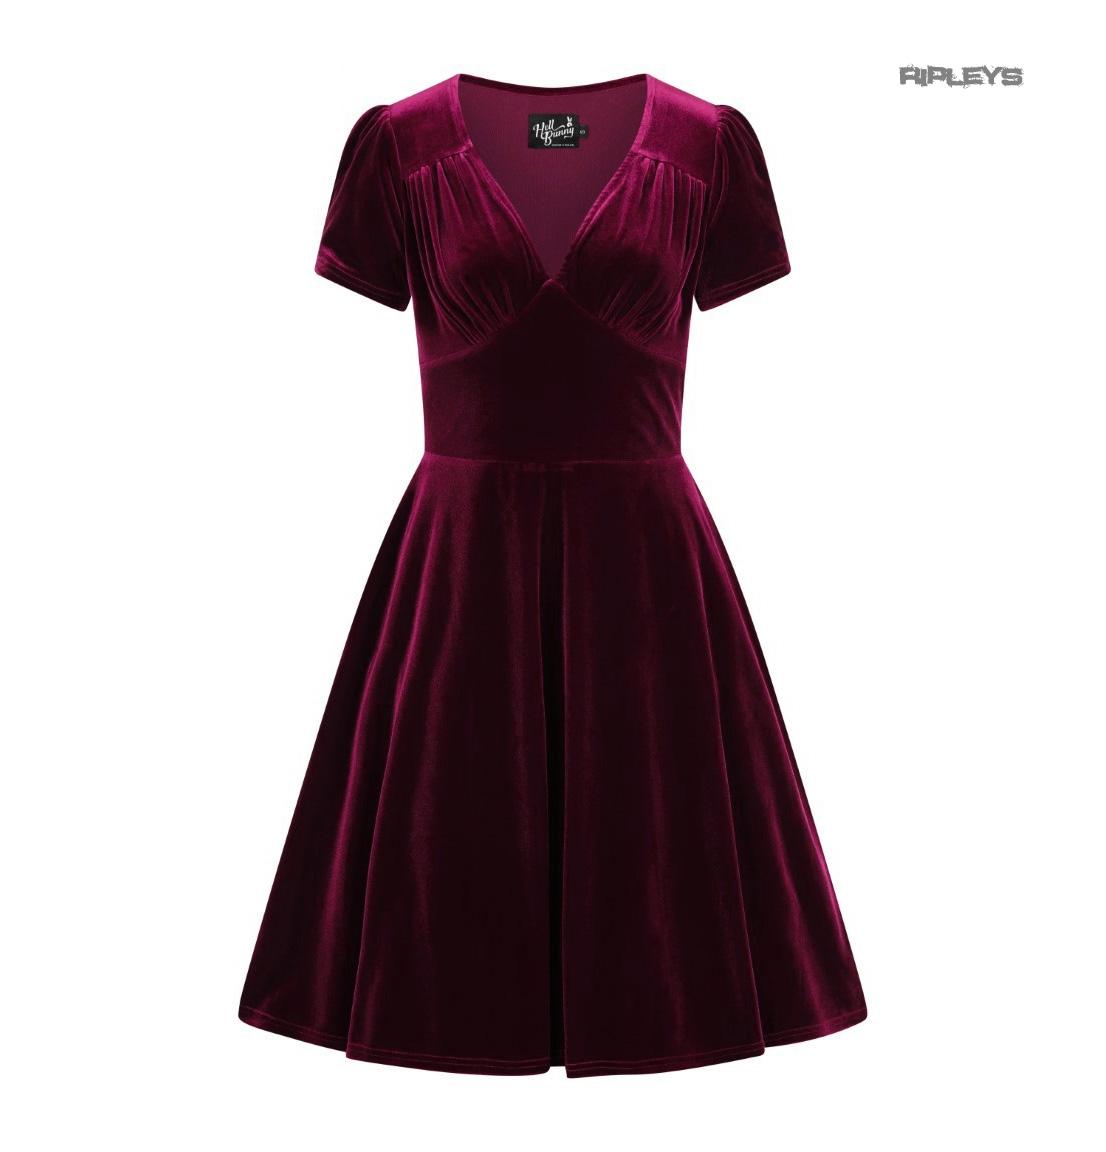 Hell-Bunny-40s-50s-Elegant-Pin-Up-Dress-JOANNE-Crushed-Velvet-Burgundy-All-Sizes thumbnail 28